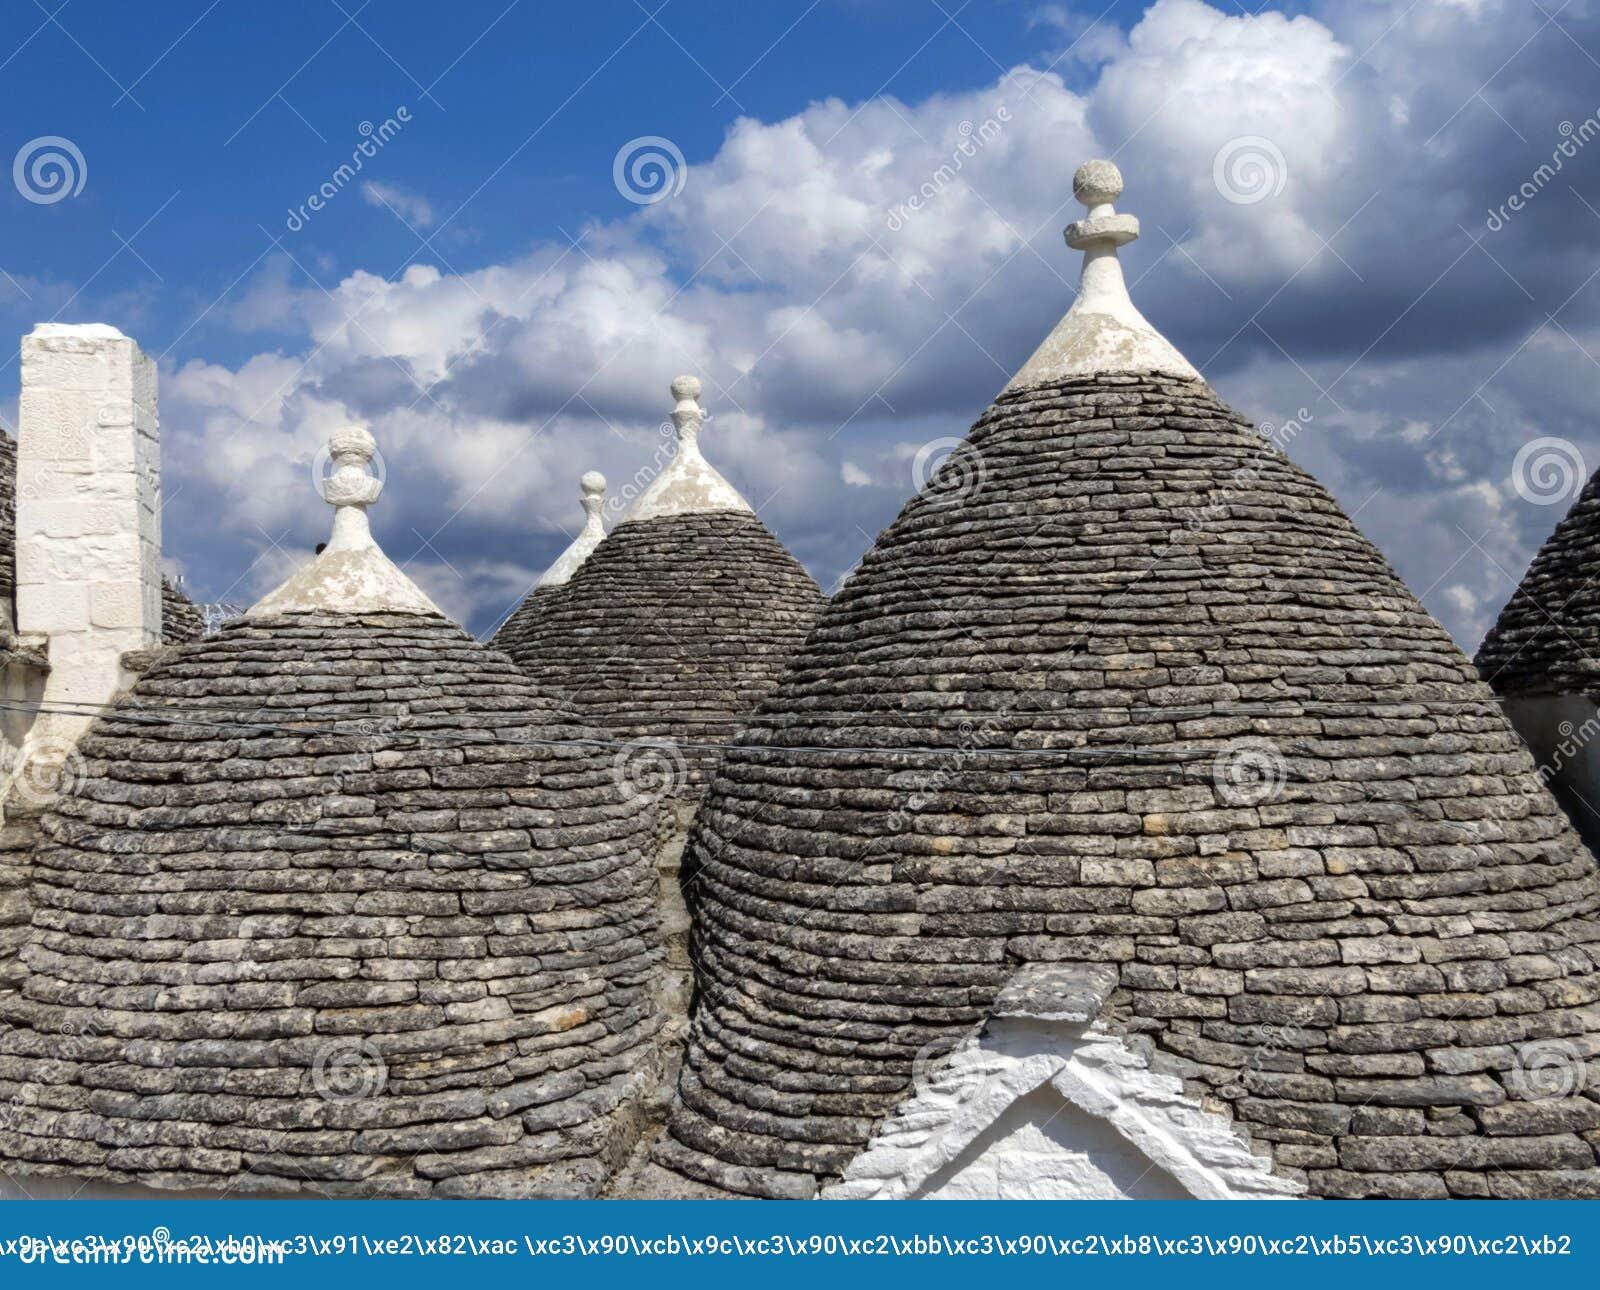 Los tejados de casas en el pueblo llamaron a Trolls